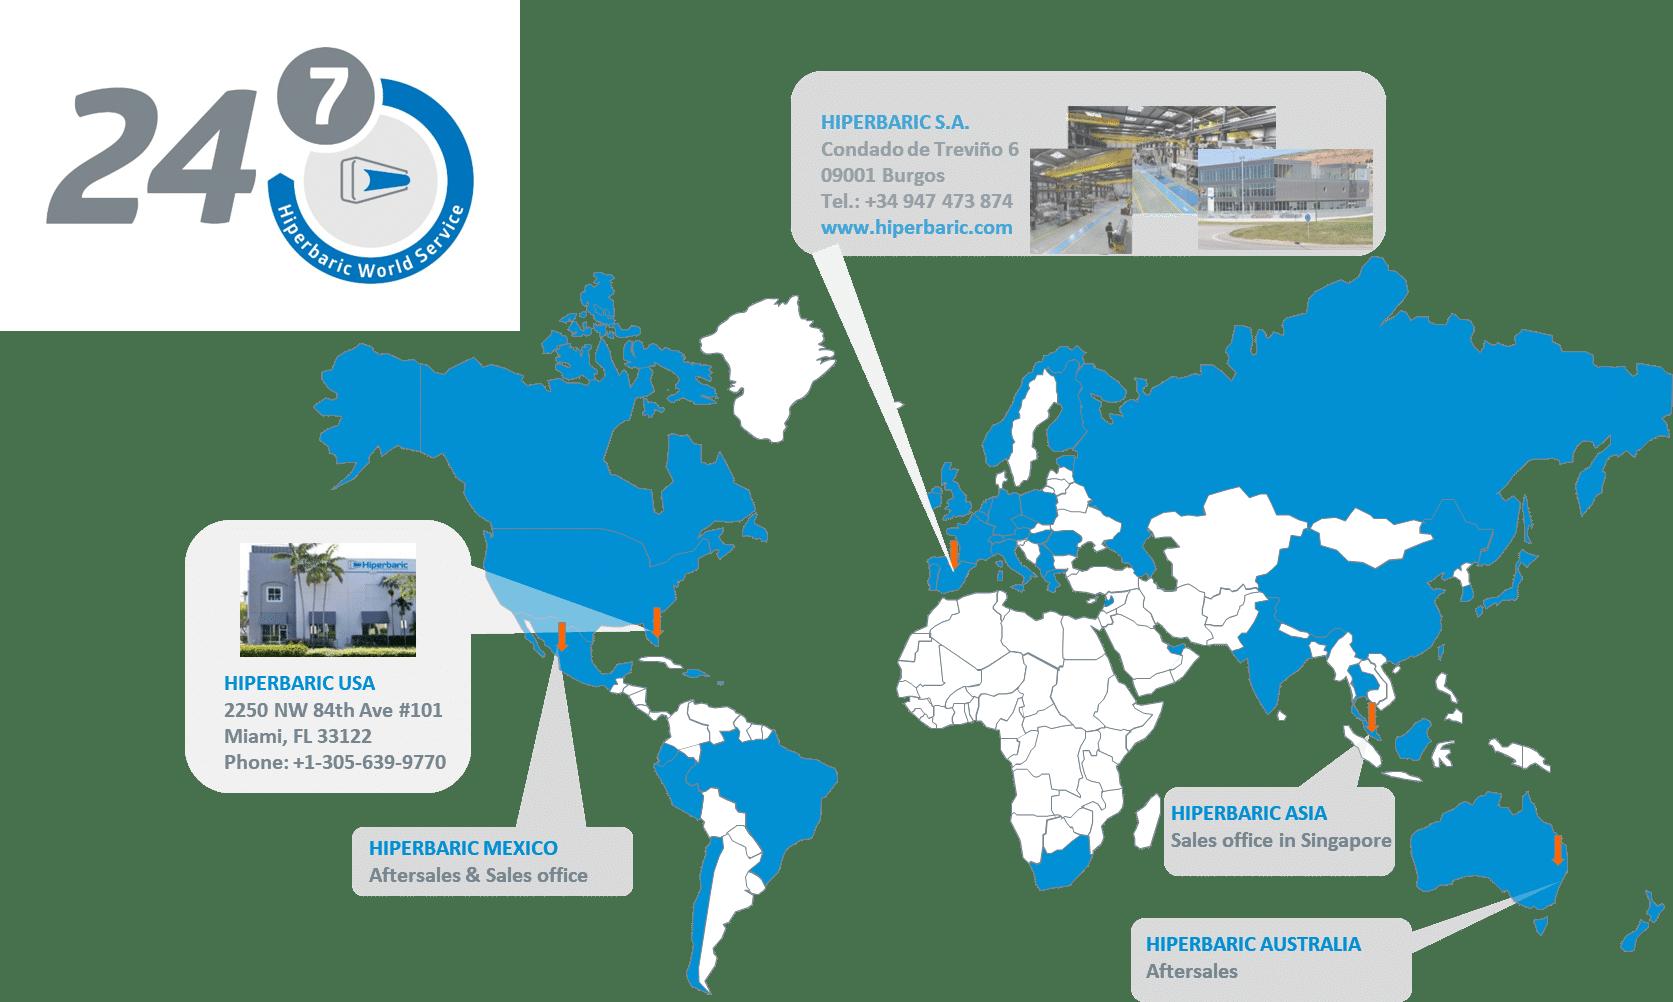 Situación actual de la expansión mundial de Hiperbaric.